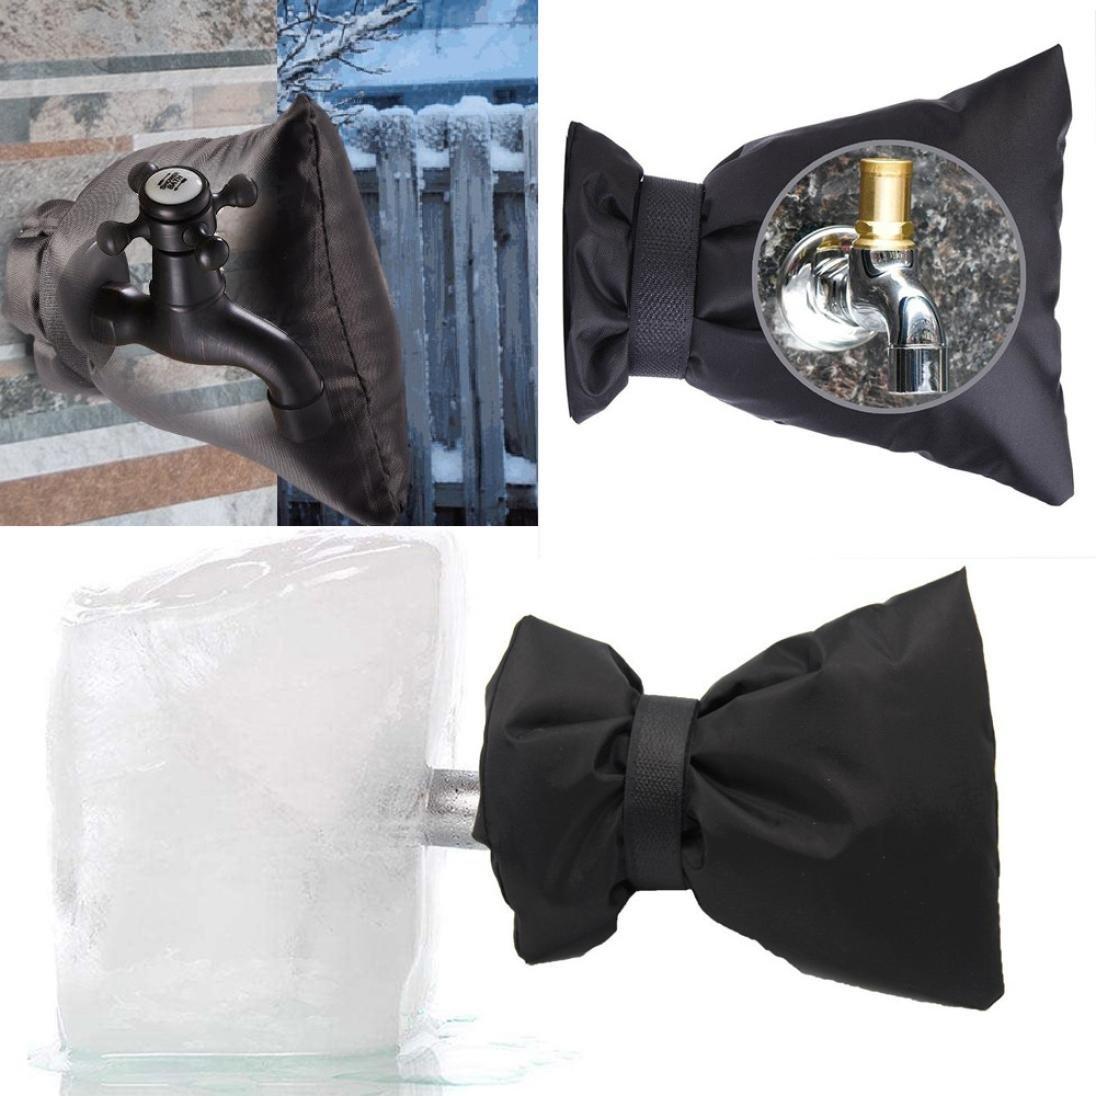 Iuhan Faucet Cover, 2Pcs Faucet Cover Faucet Freeze Protection For Faucet Outdoor Faucet Socks (2Pcs)